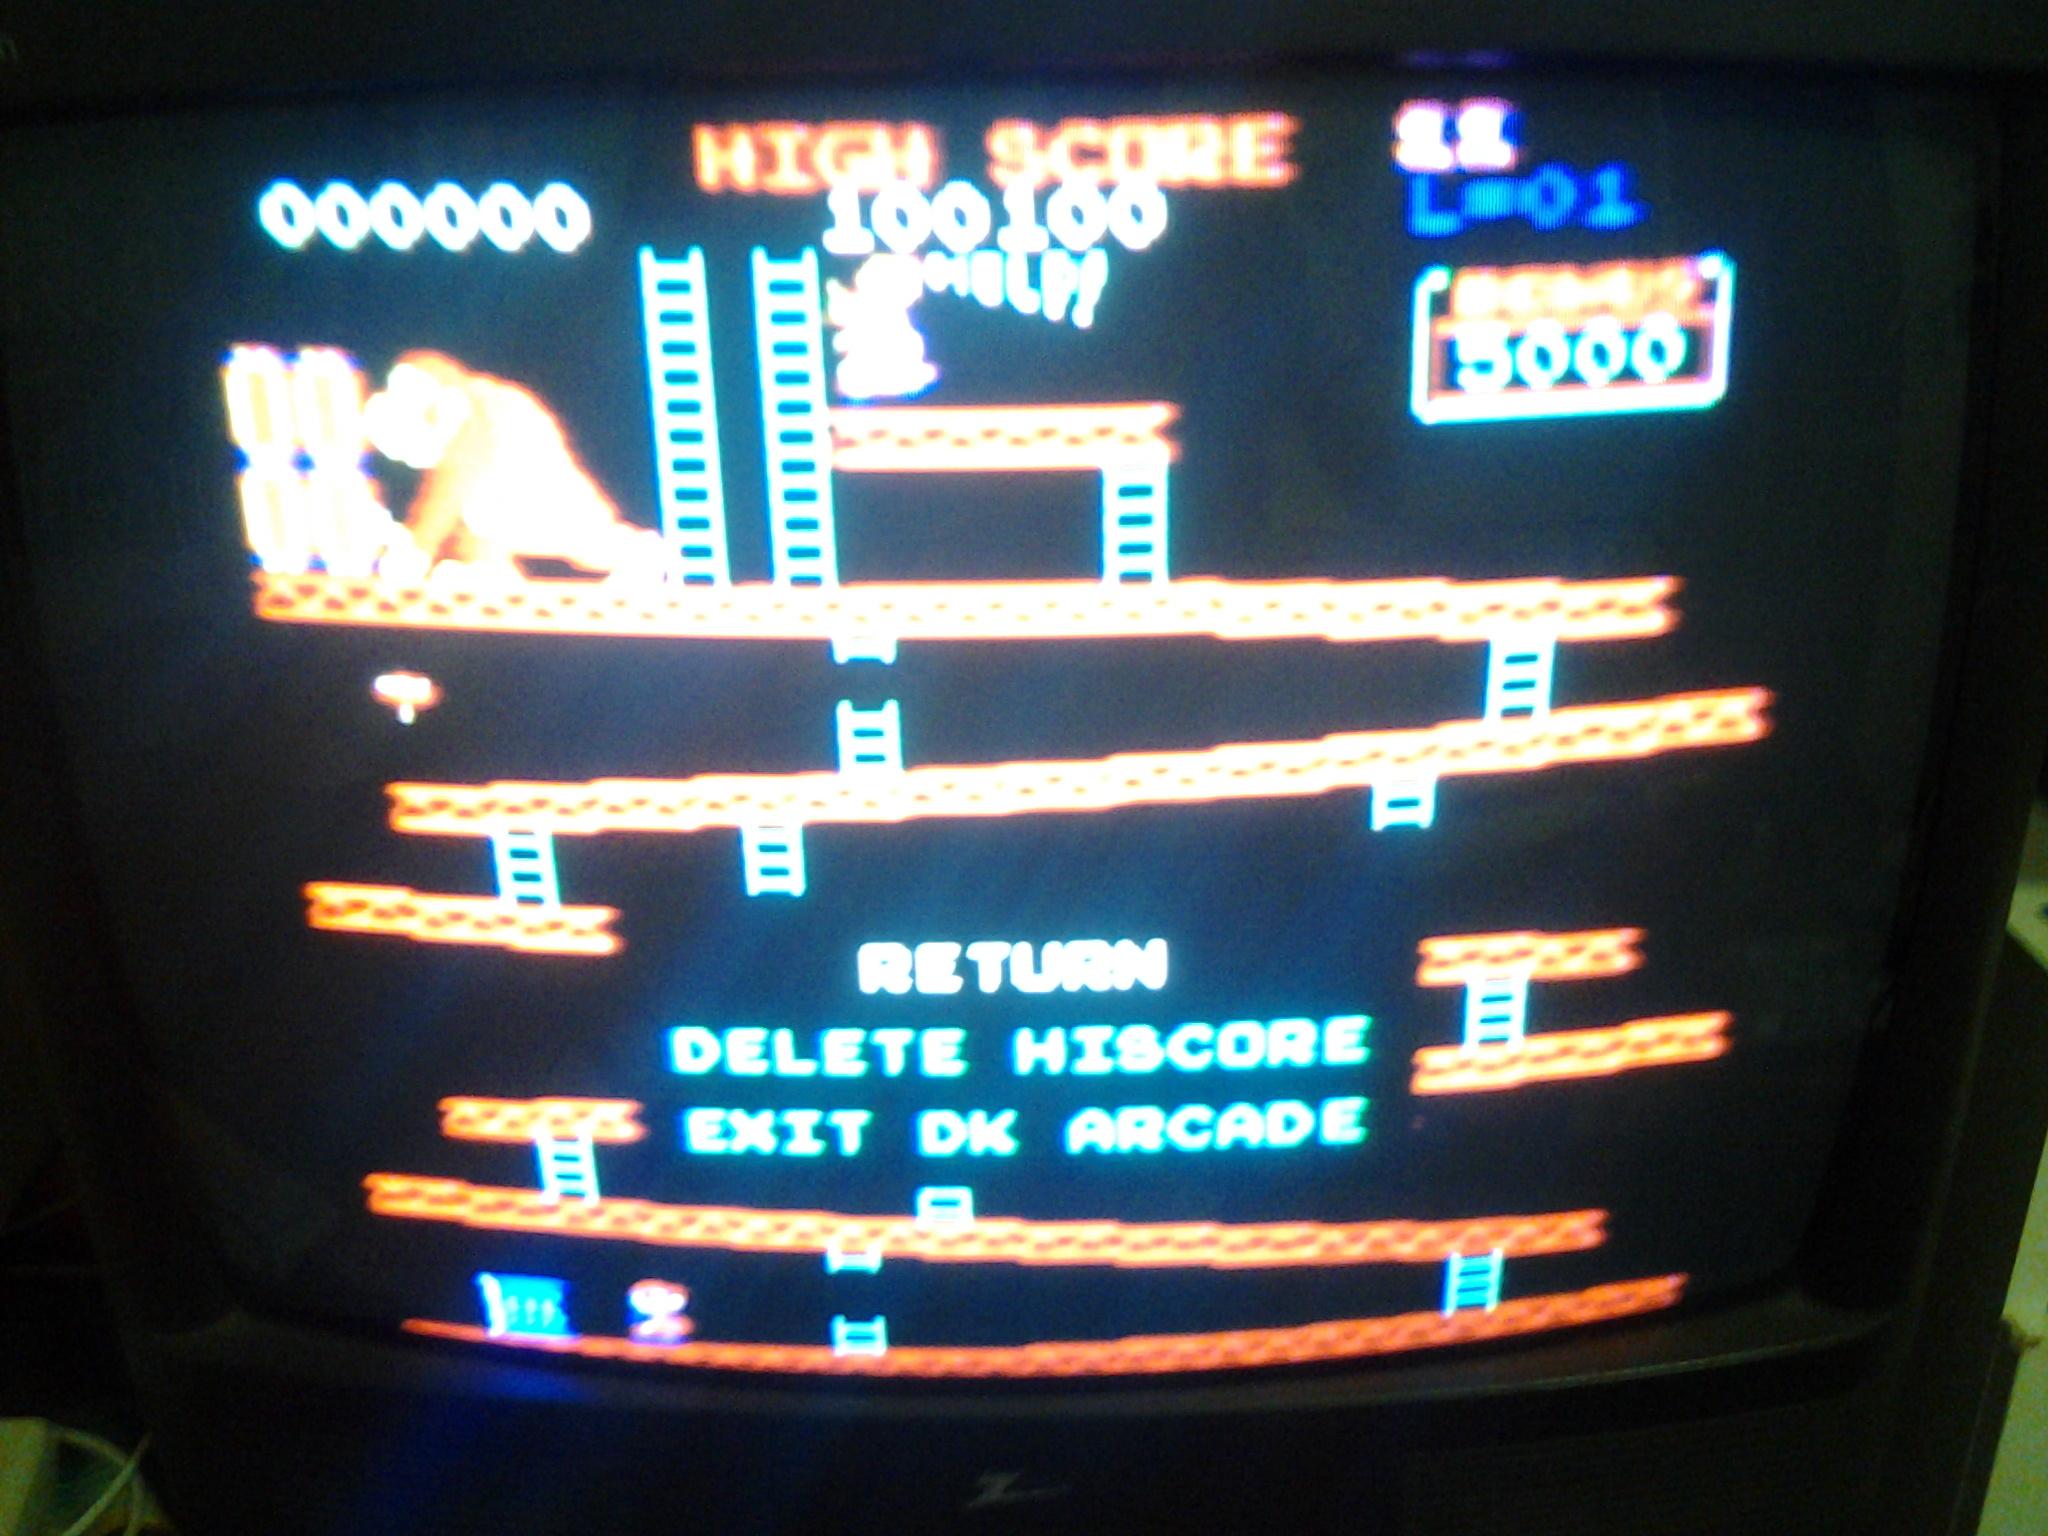 Donkey Kong 64: DK Arcade 100,100 points